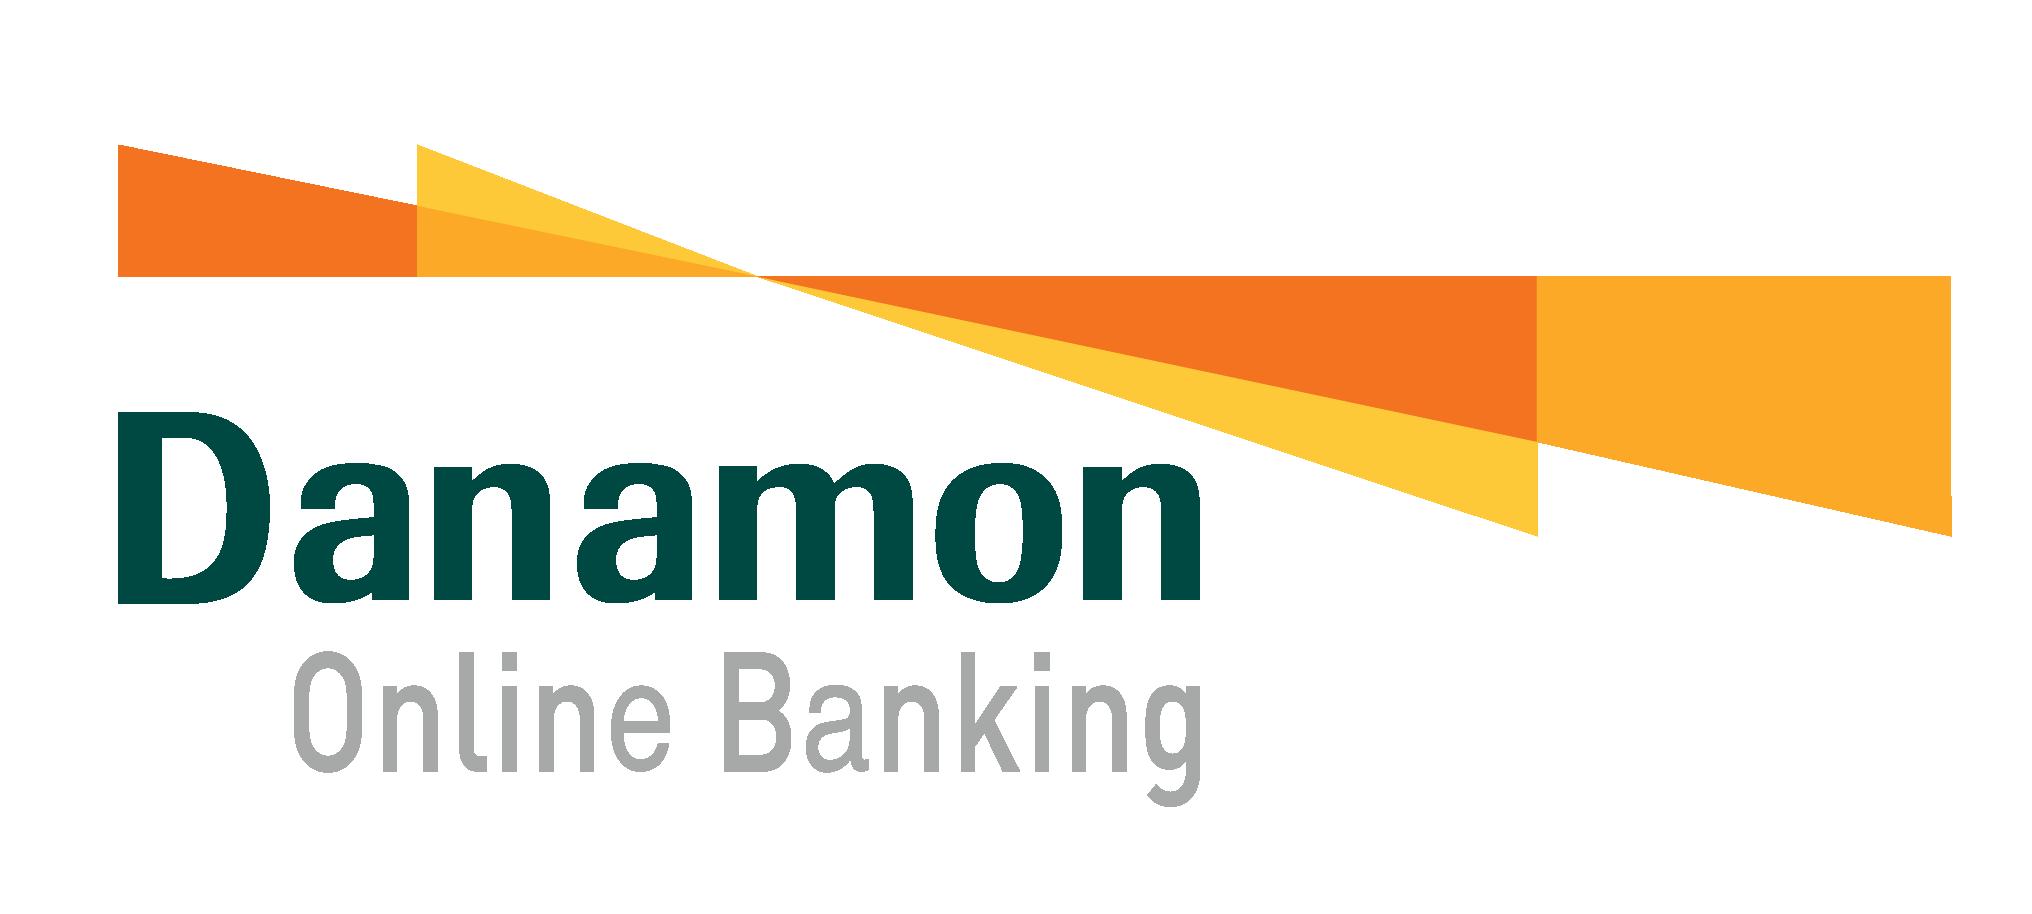 zataru parfum pembayaran dengan danamon online banking